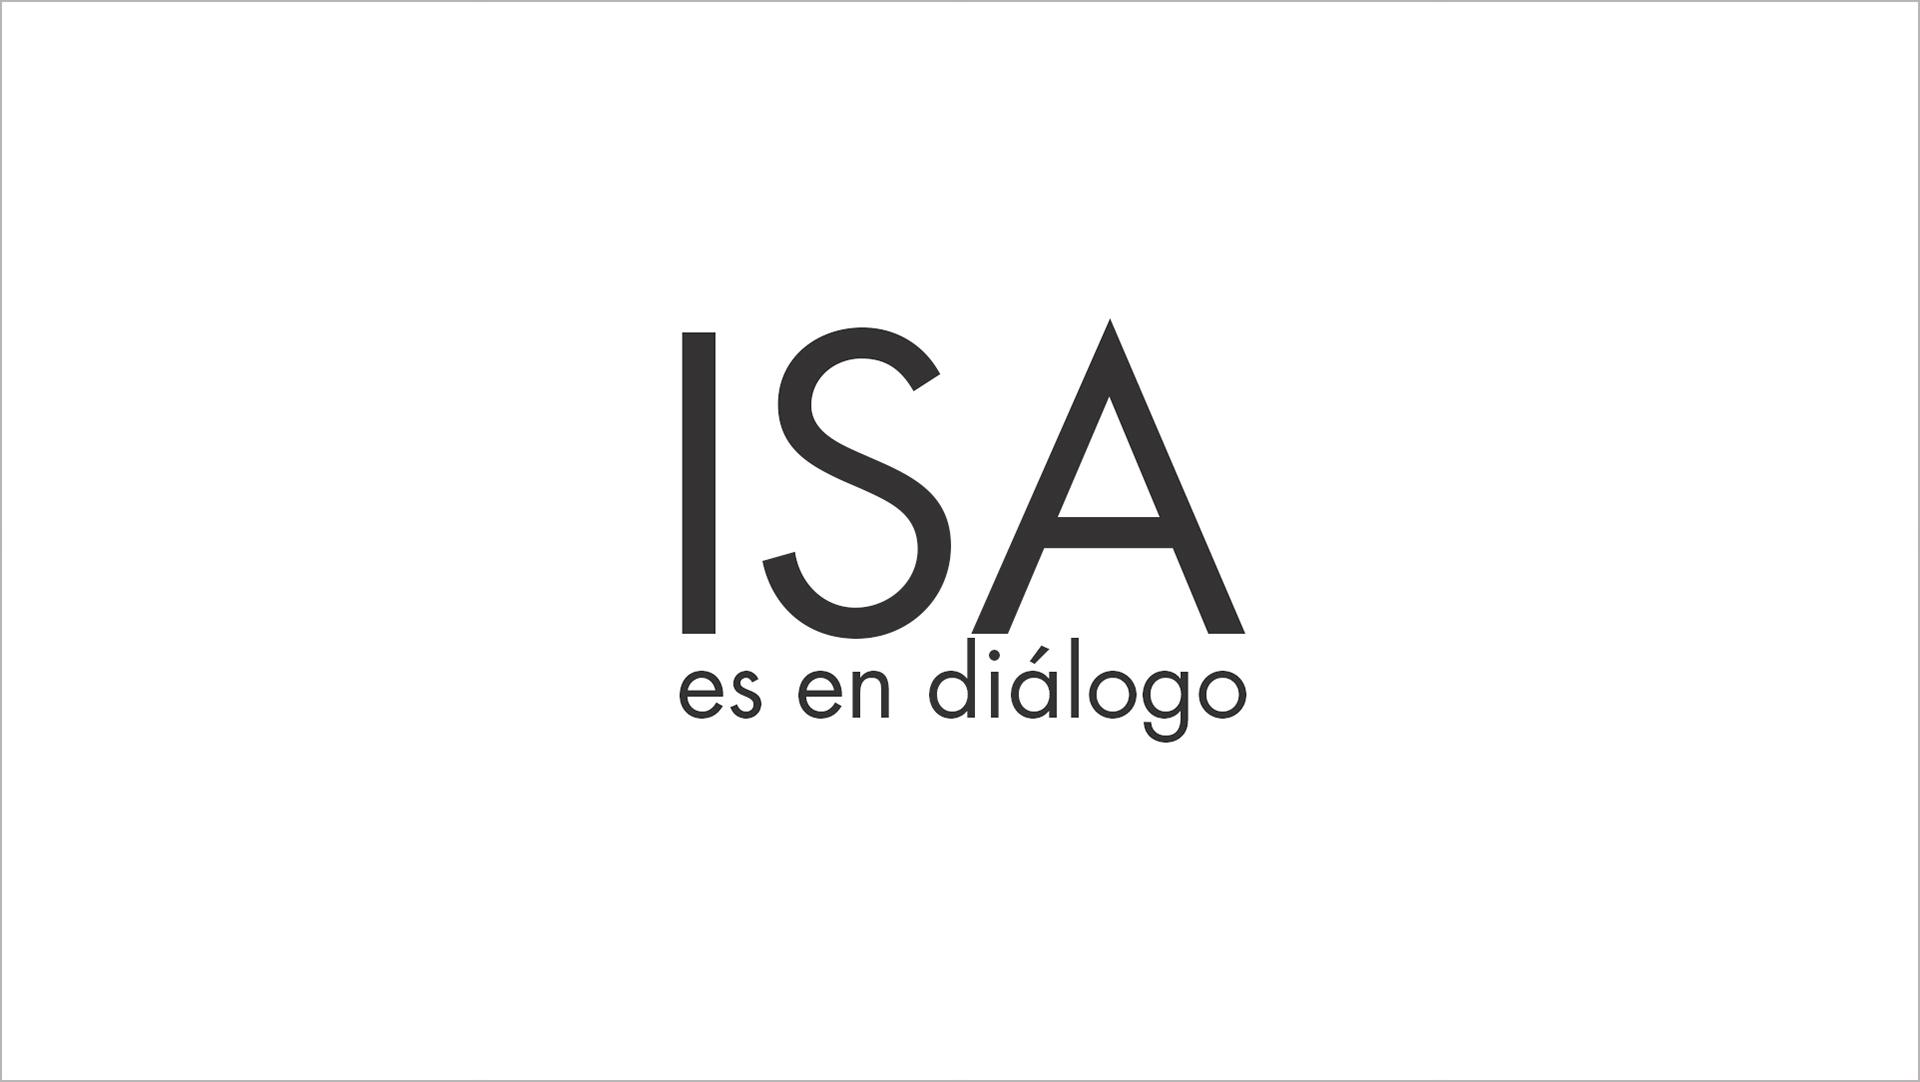 ISA ES EN DIÁLOGO (2017) - Alfonso Legaz